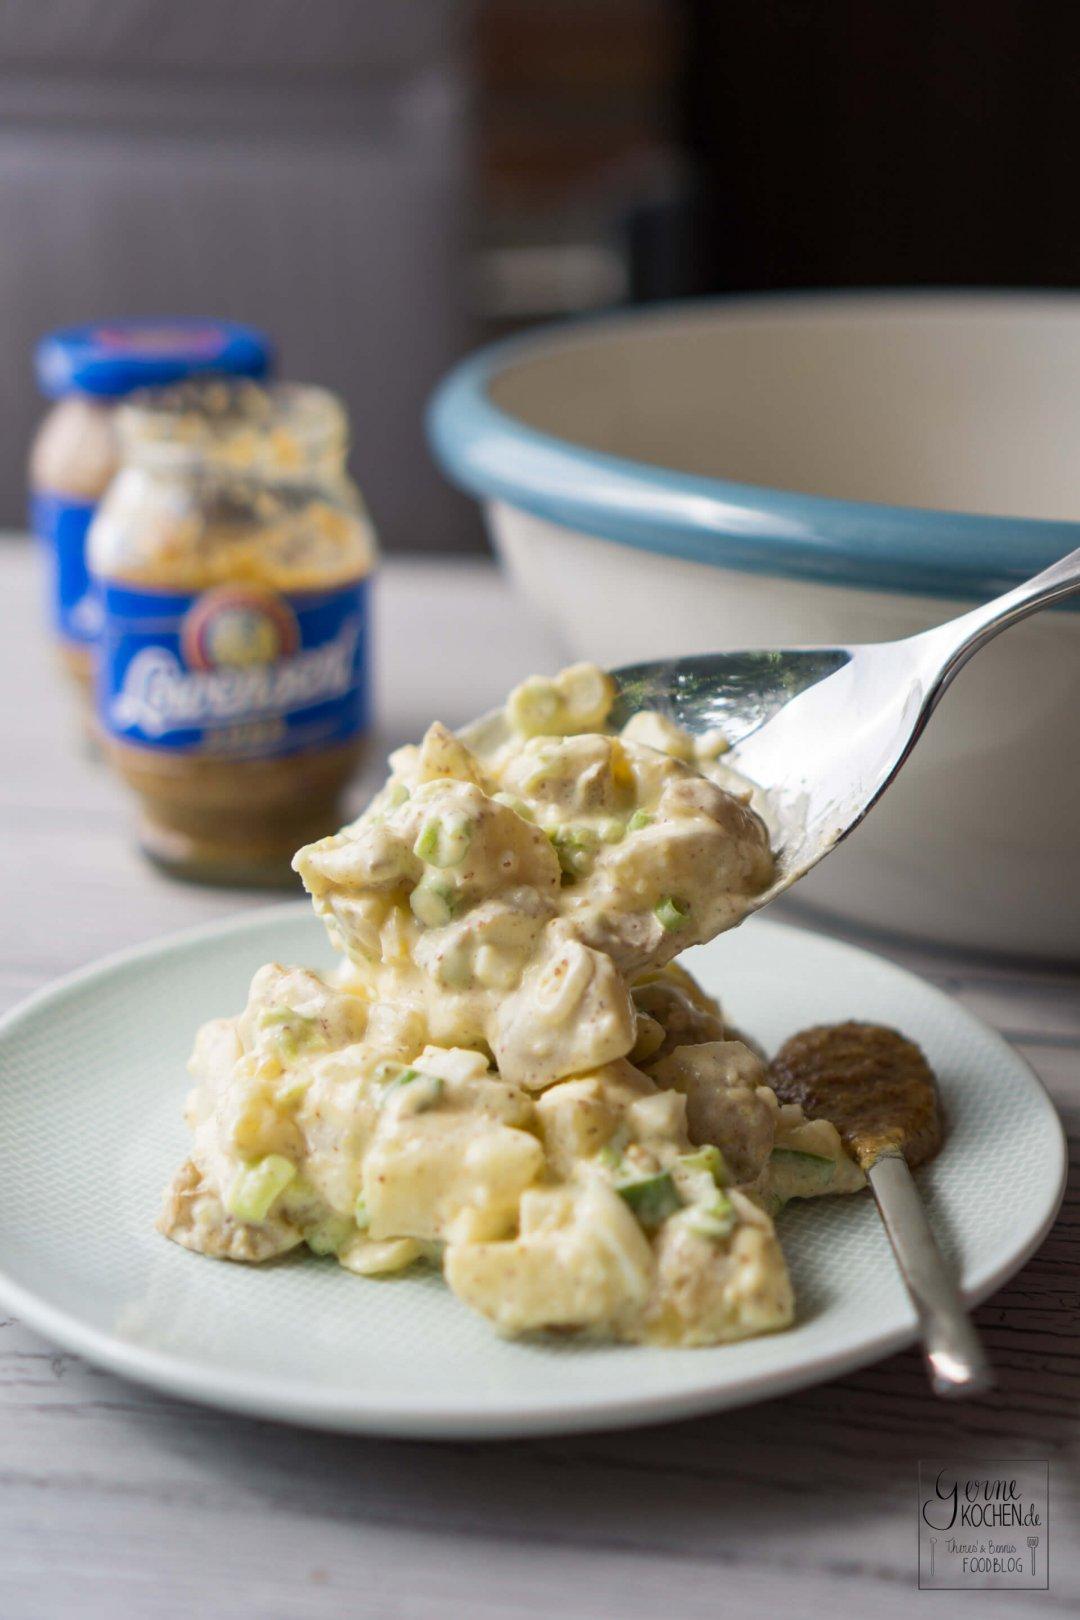 rezept kartoffelsalat mit s em senf. Black Bedroom Furniture Sets. Home Design Ideas